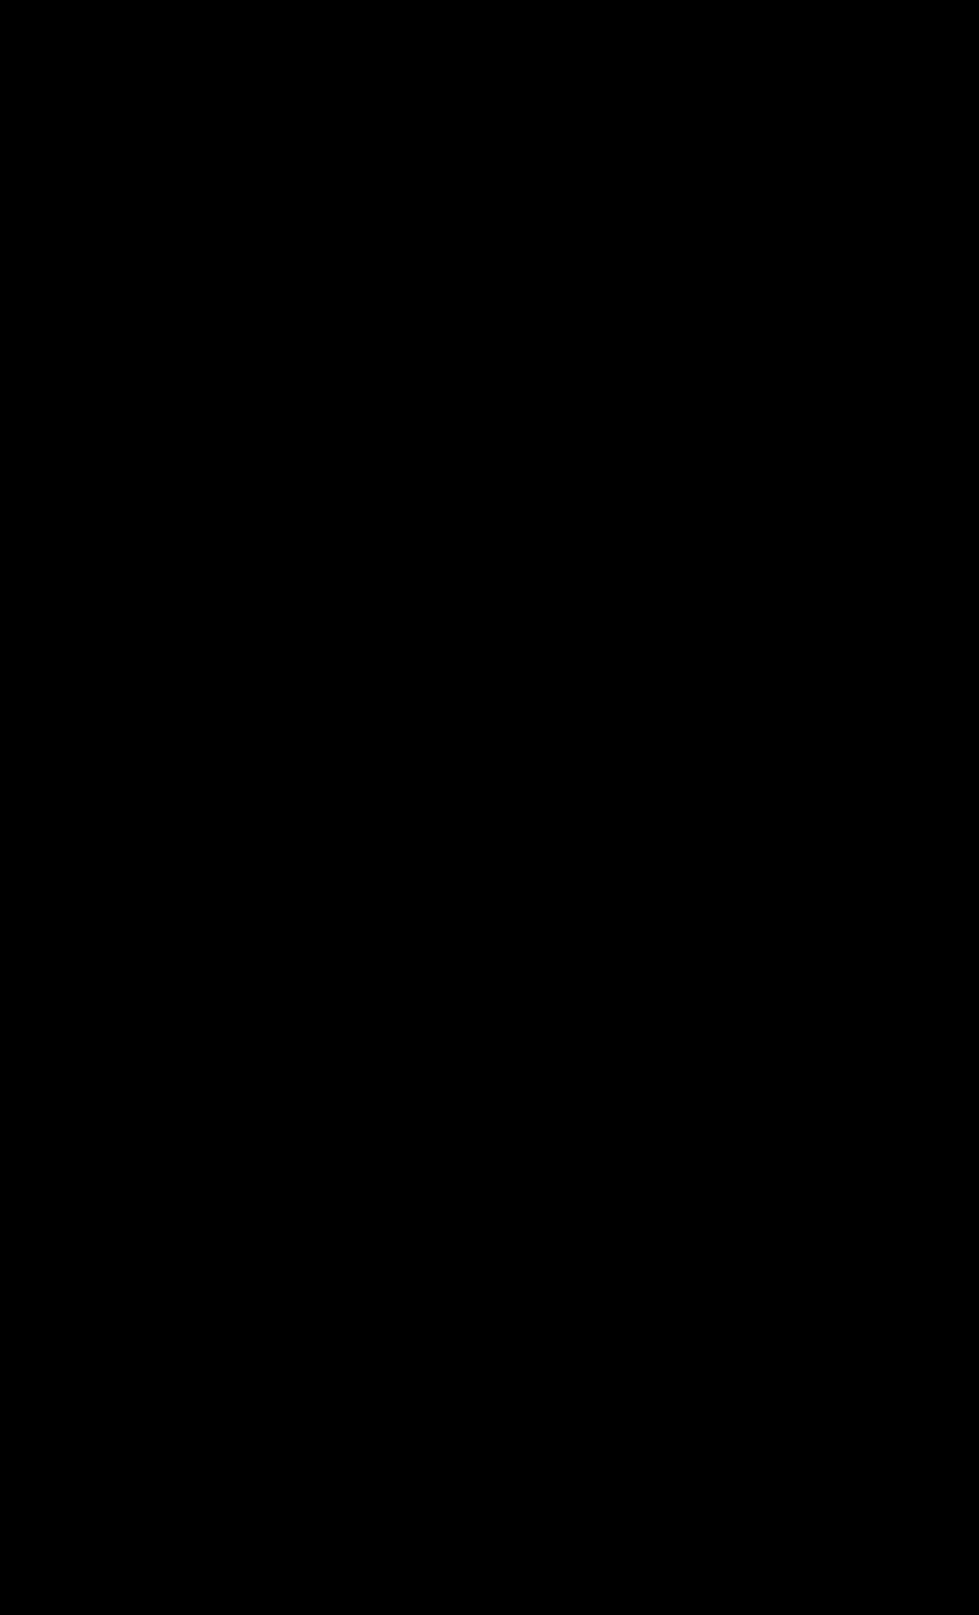 図41.png